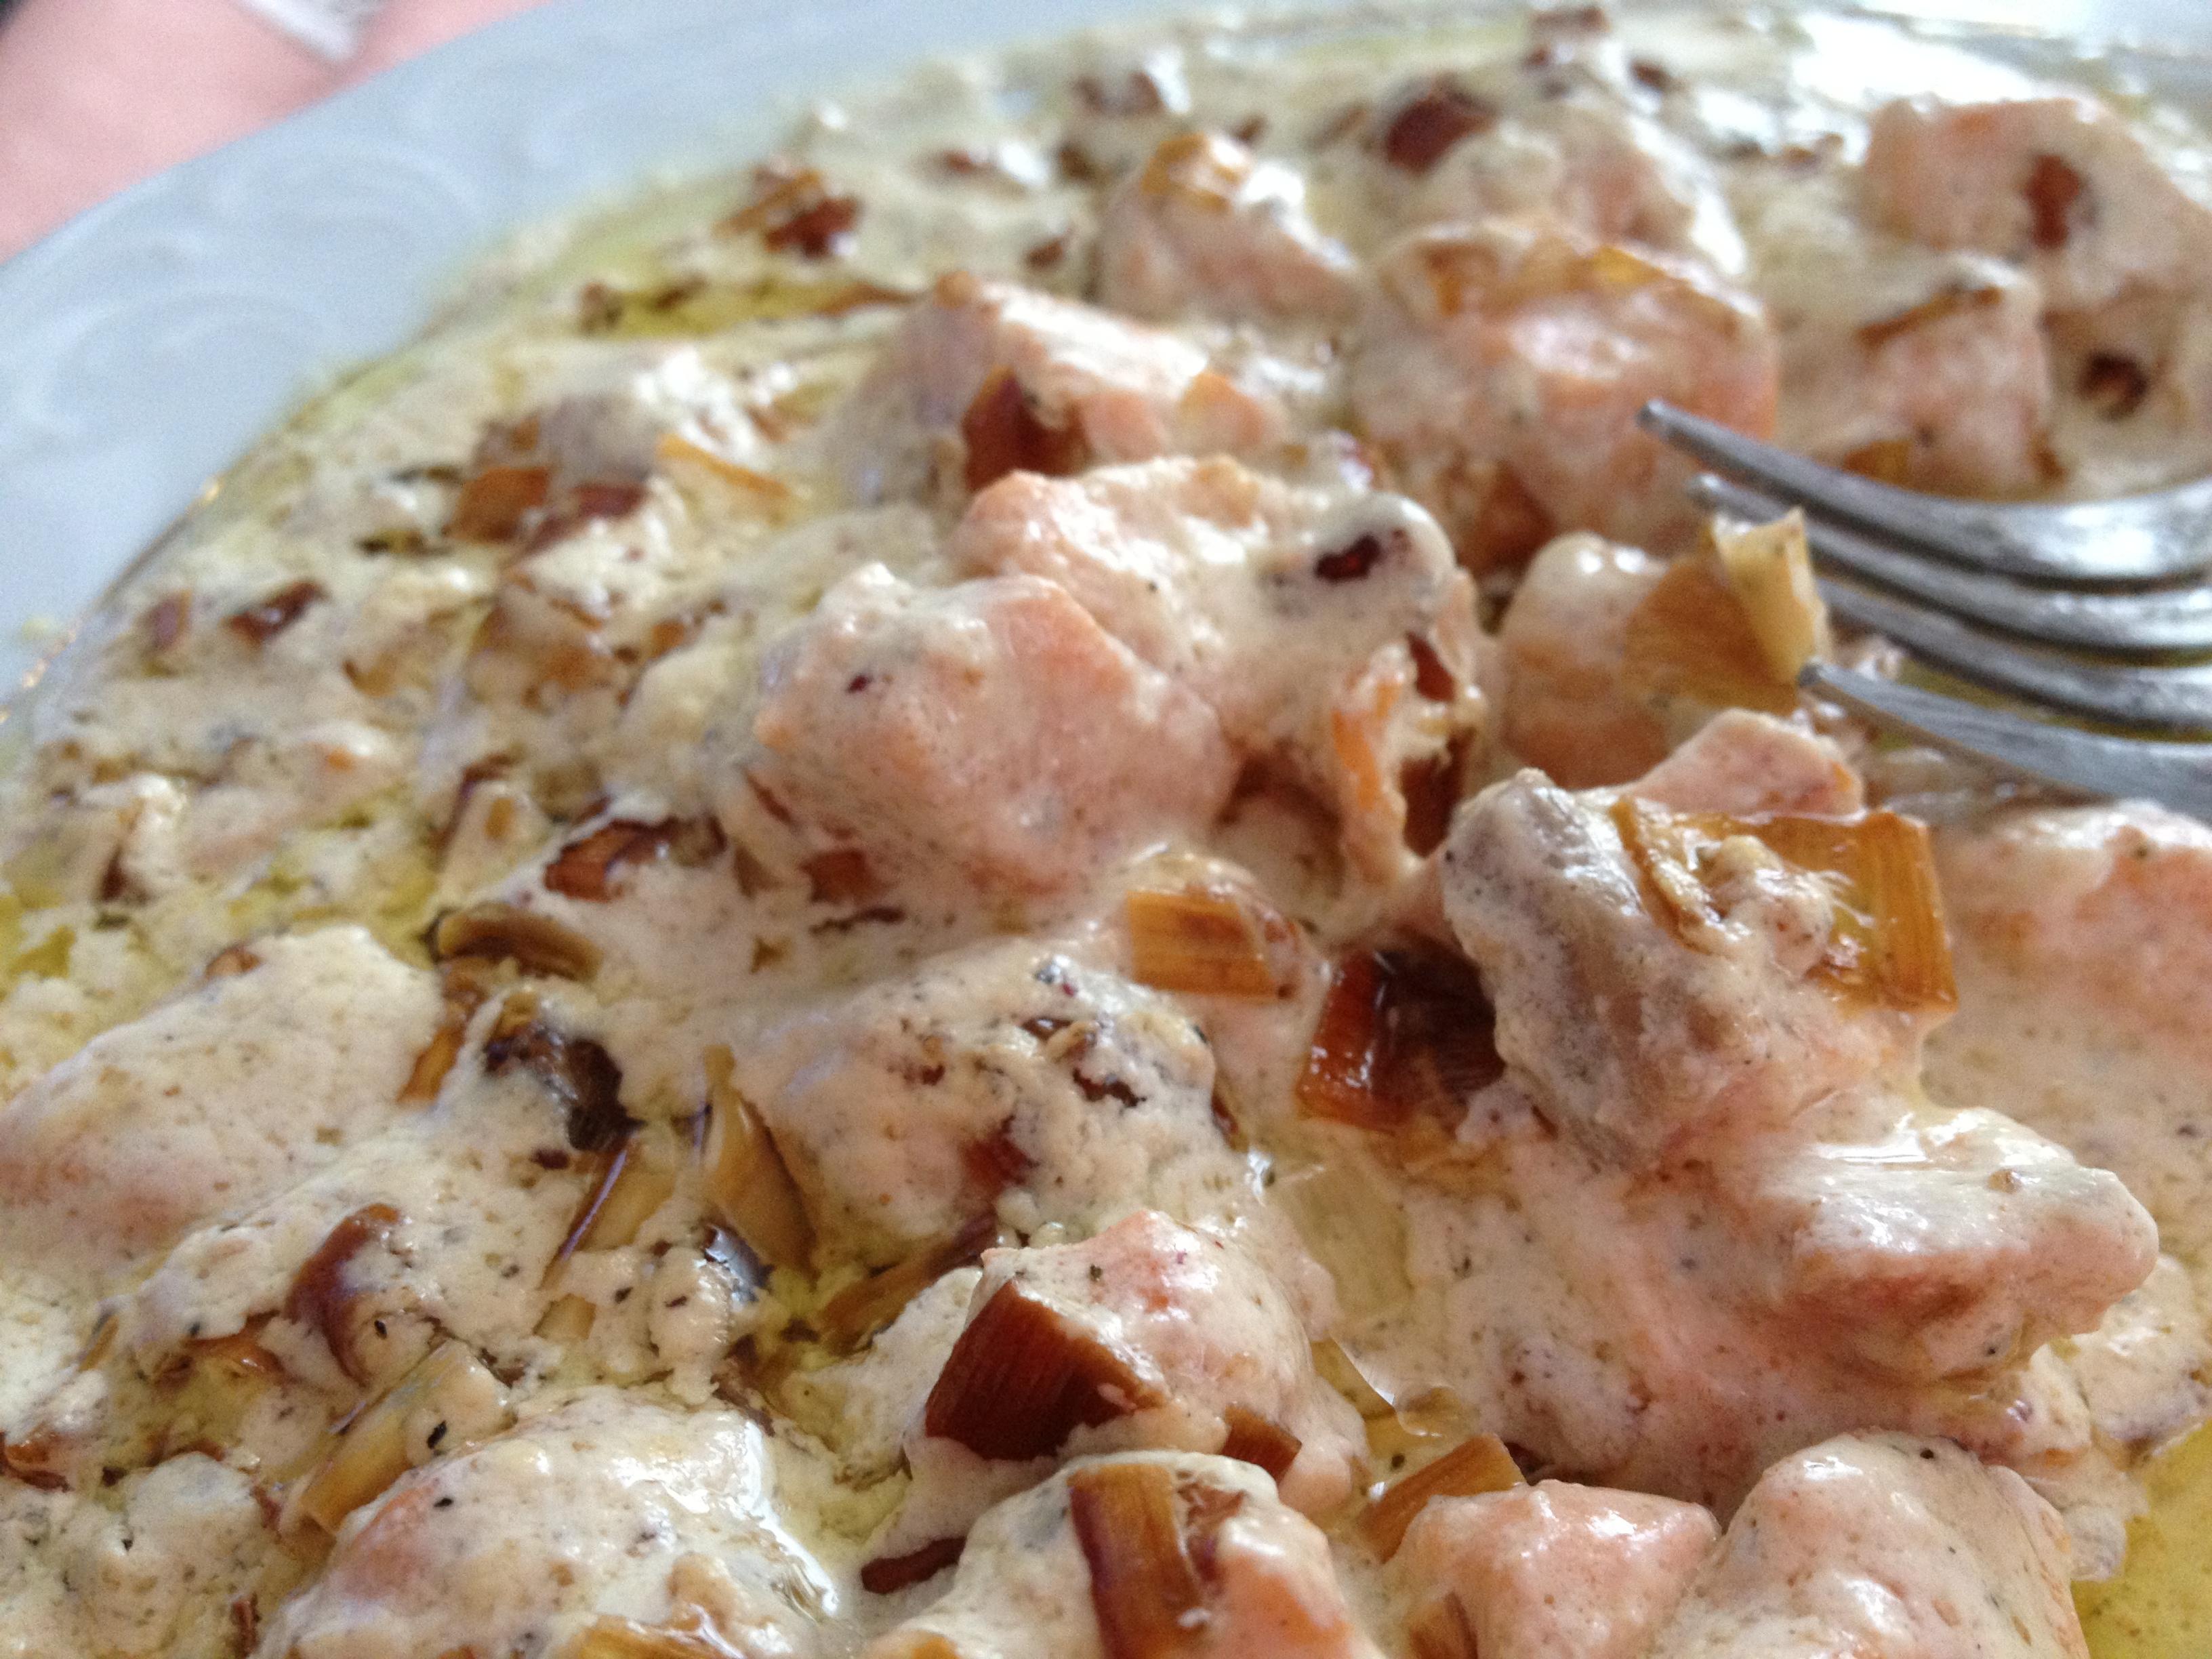 Receta cocina pescado - Cocina rapida y facil ...